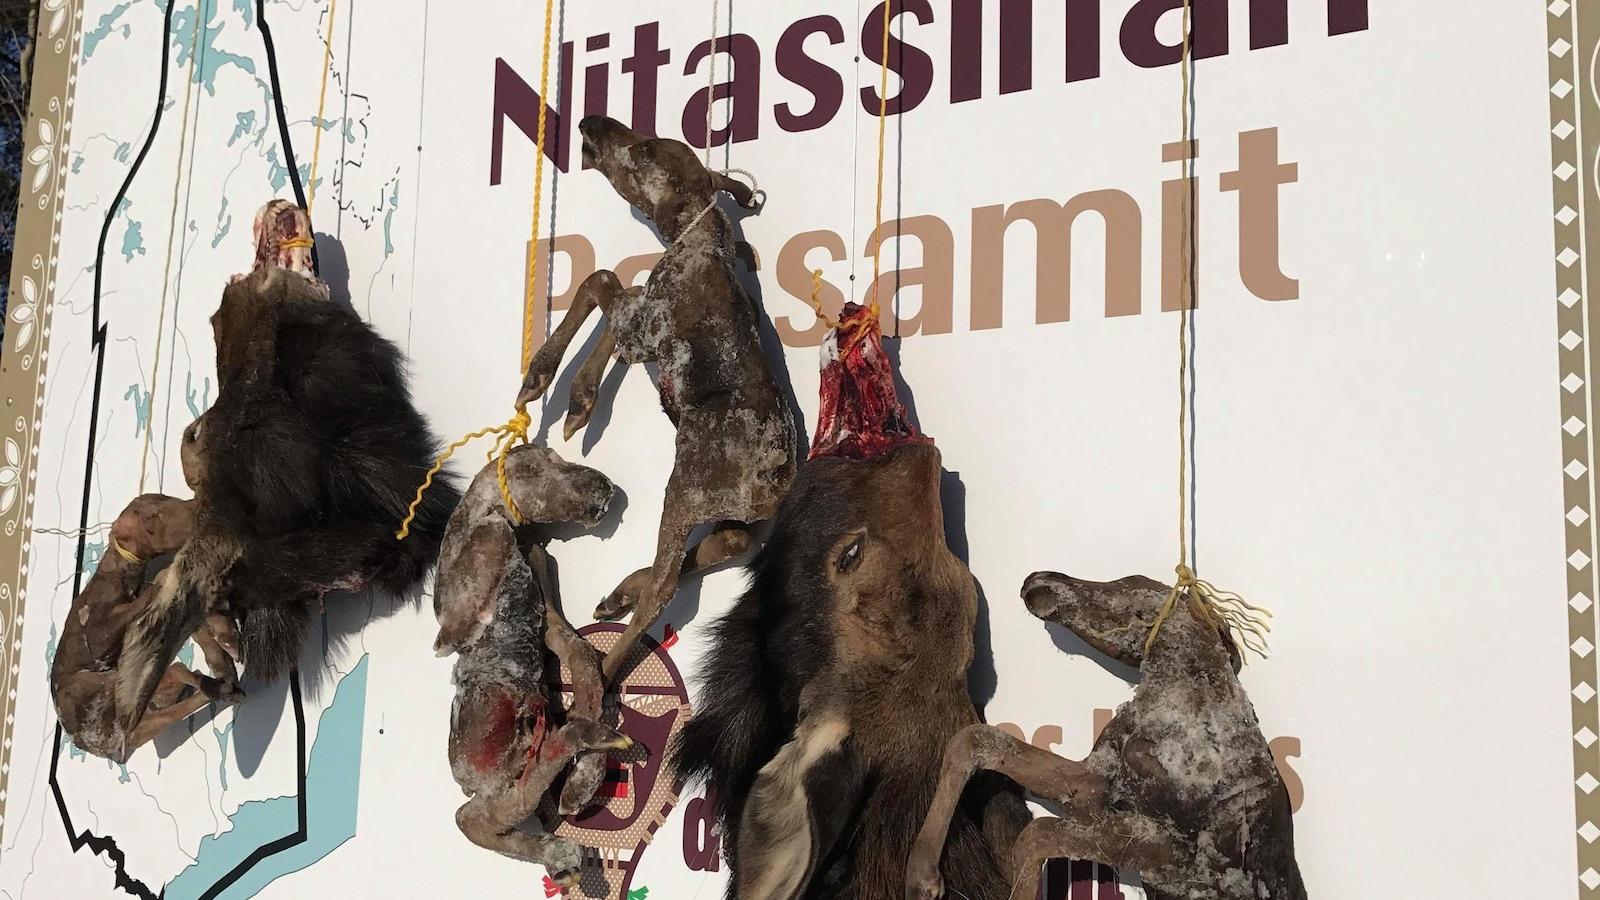 Des restes d'orignaux disséqués suspendus sur une pancarte annonçant le territoire autochtone de Nitassinan